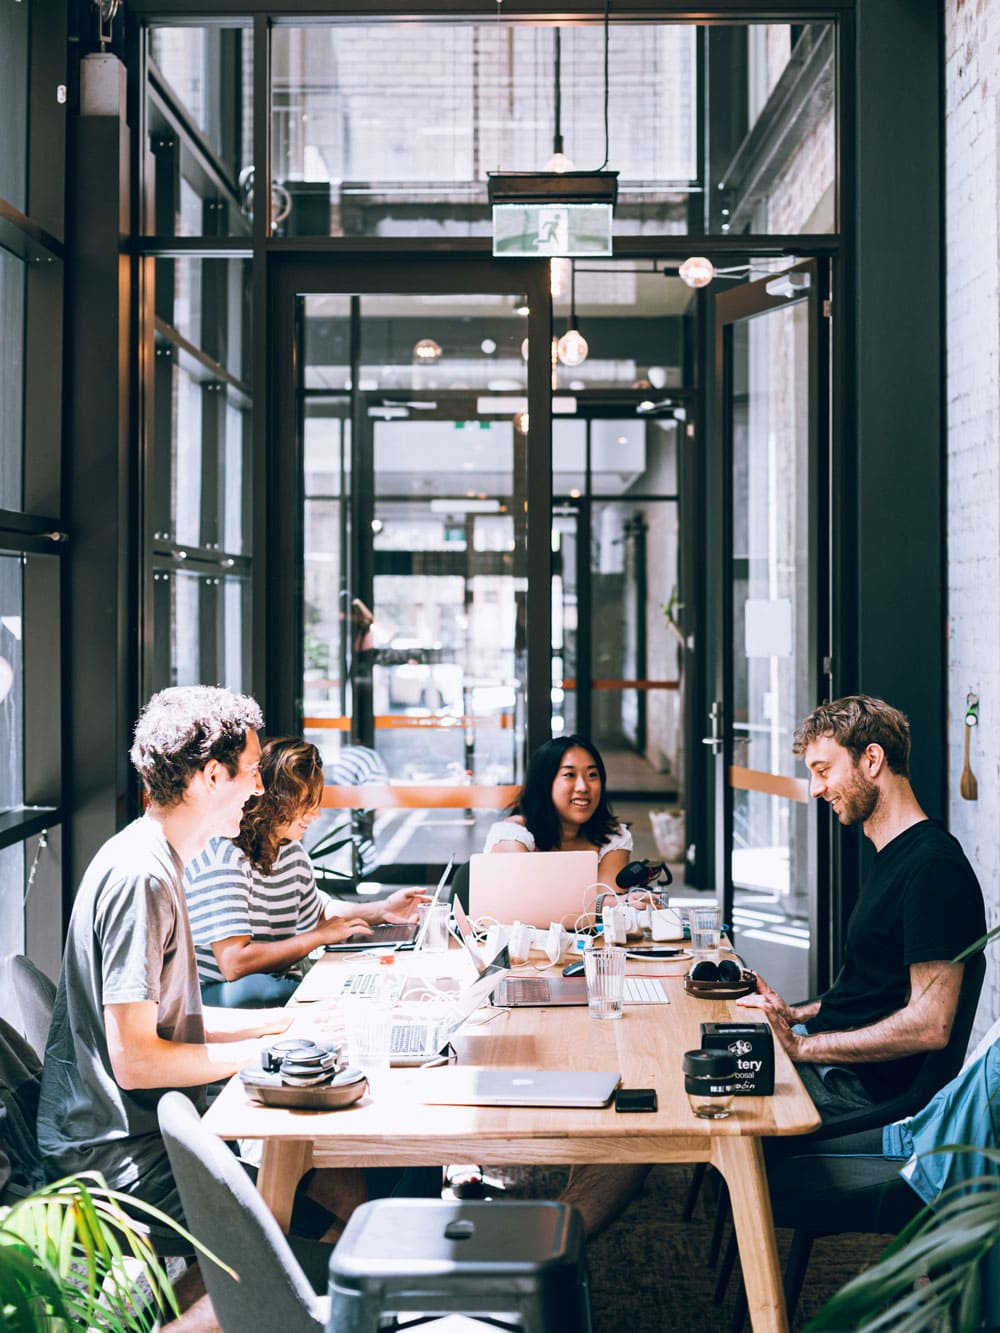 Büro_Zukunft_Menschen_Beisammensein